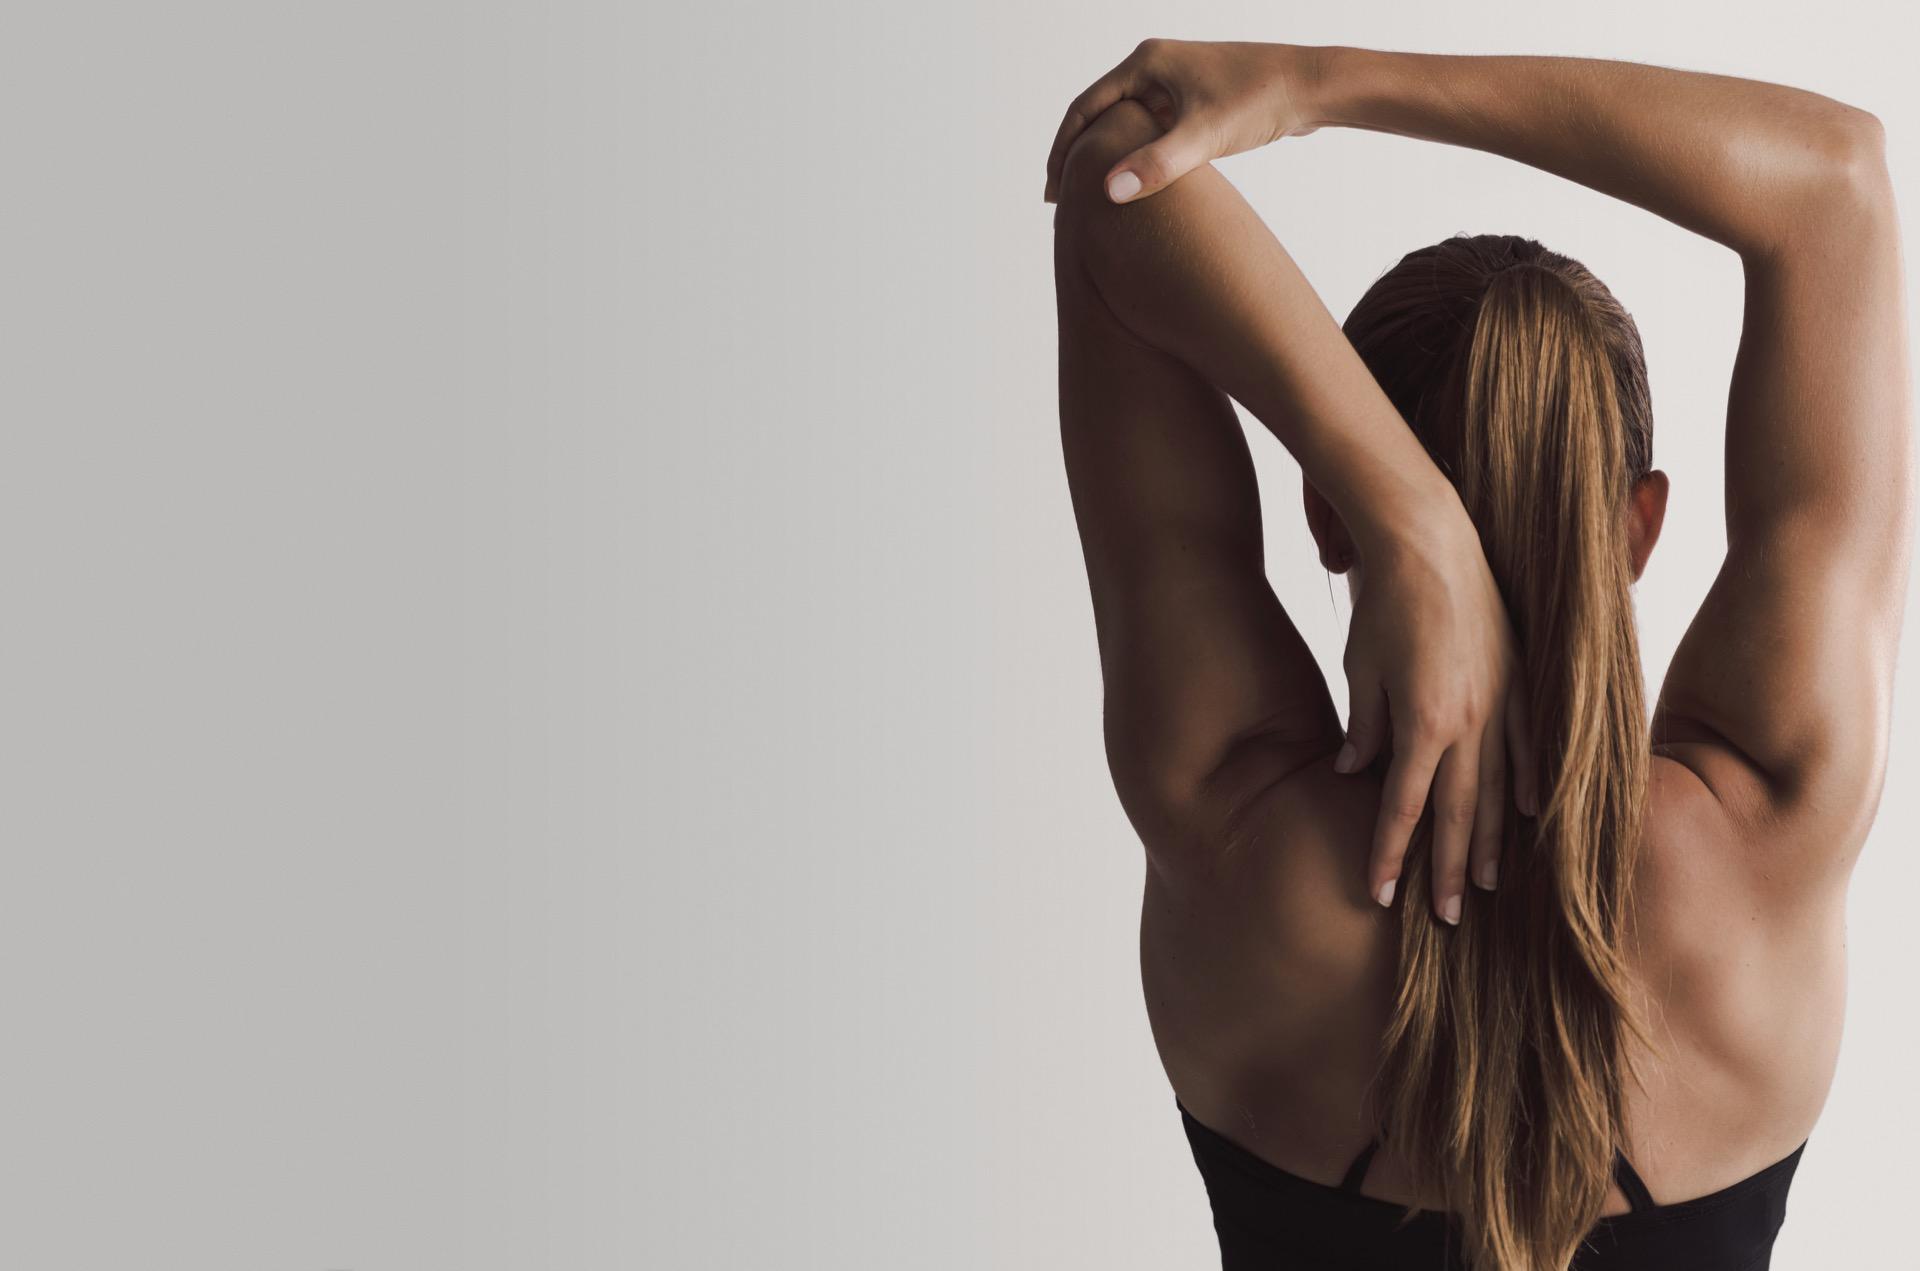 Fleksibilitetstrening tøying av muskler